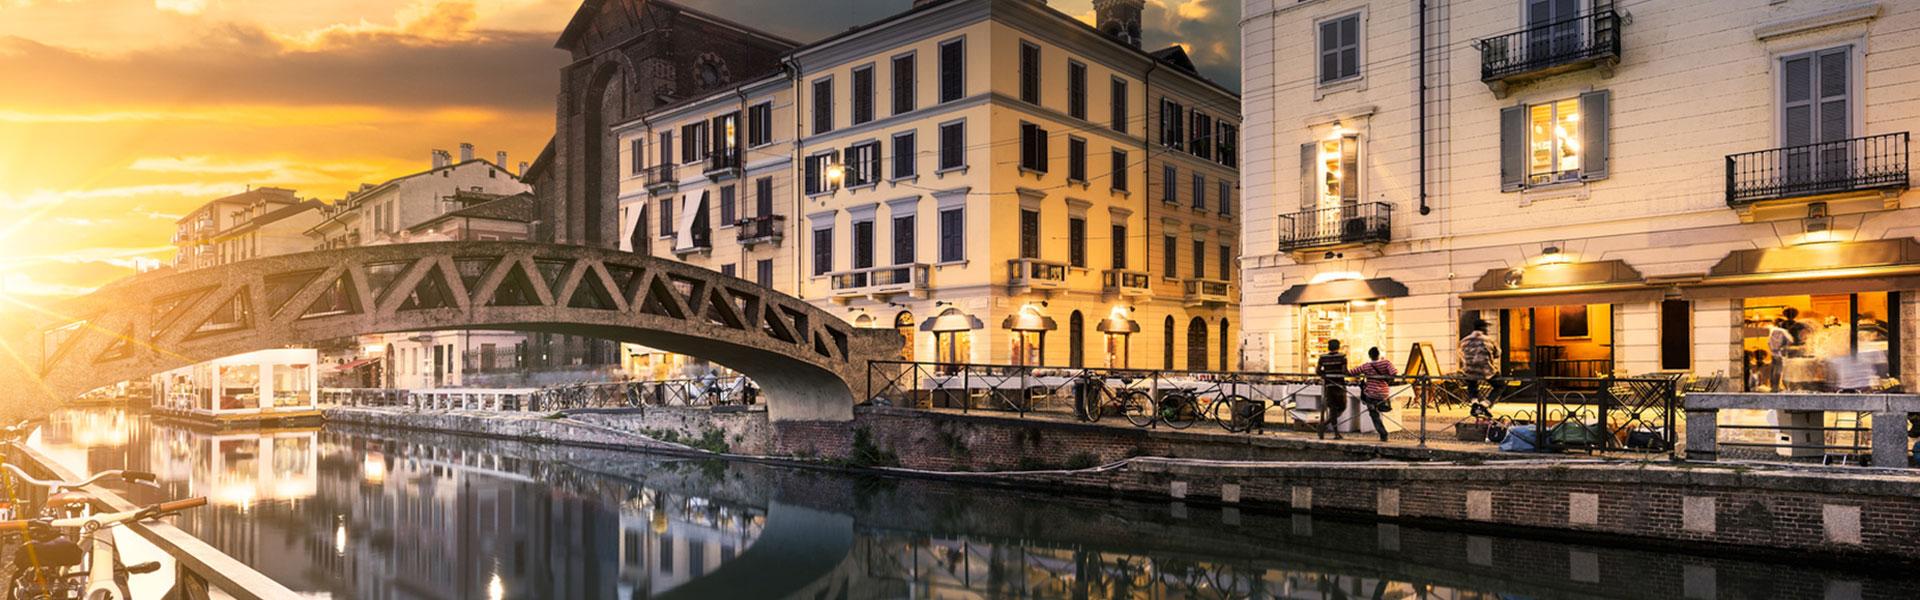 Orim srl agenzia immobiliare milano home - Agenzia viaggi porta romana milano ...